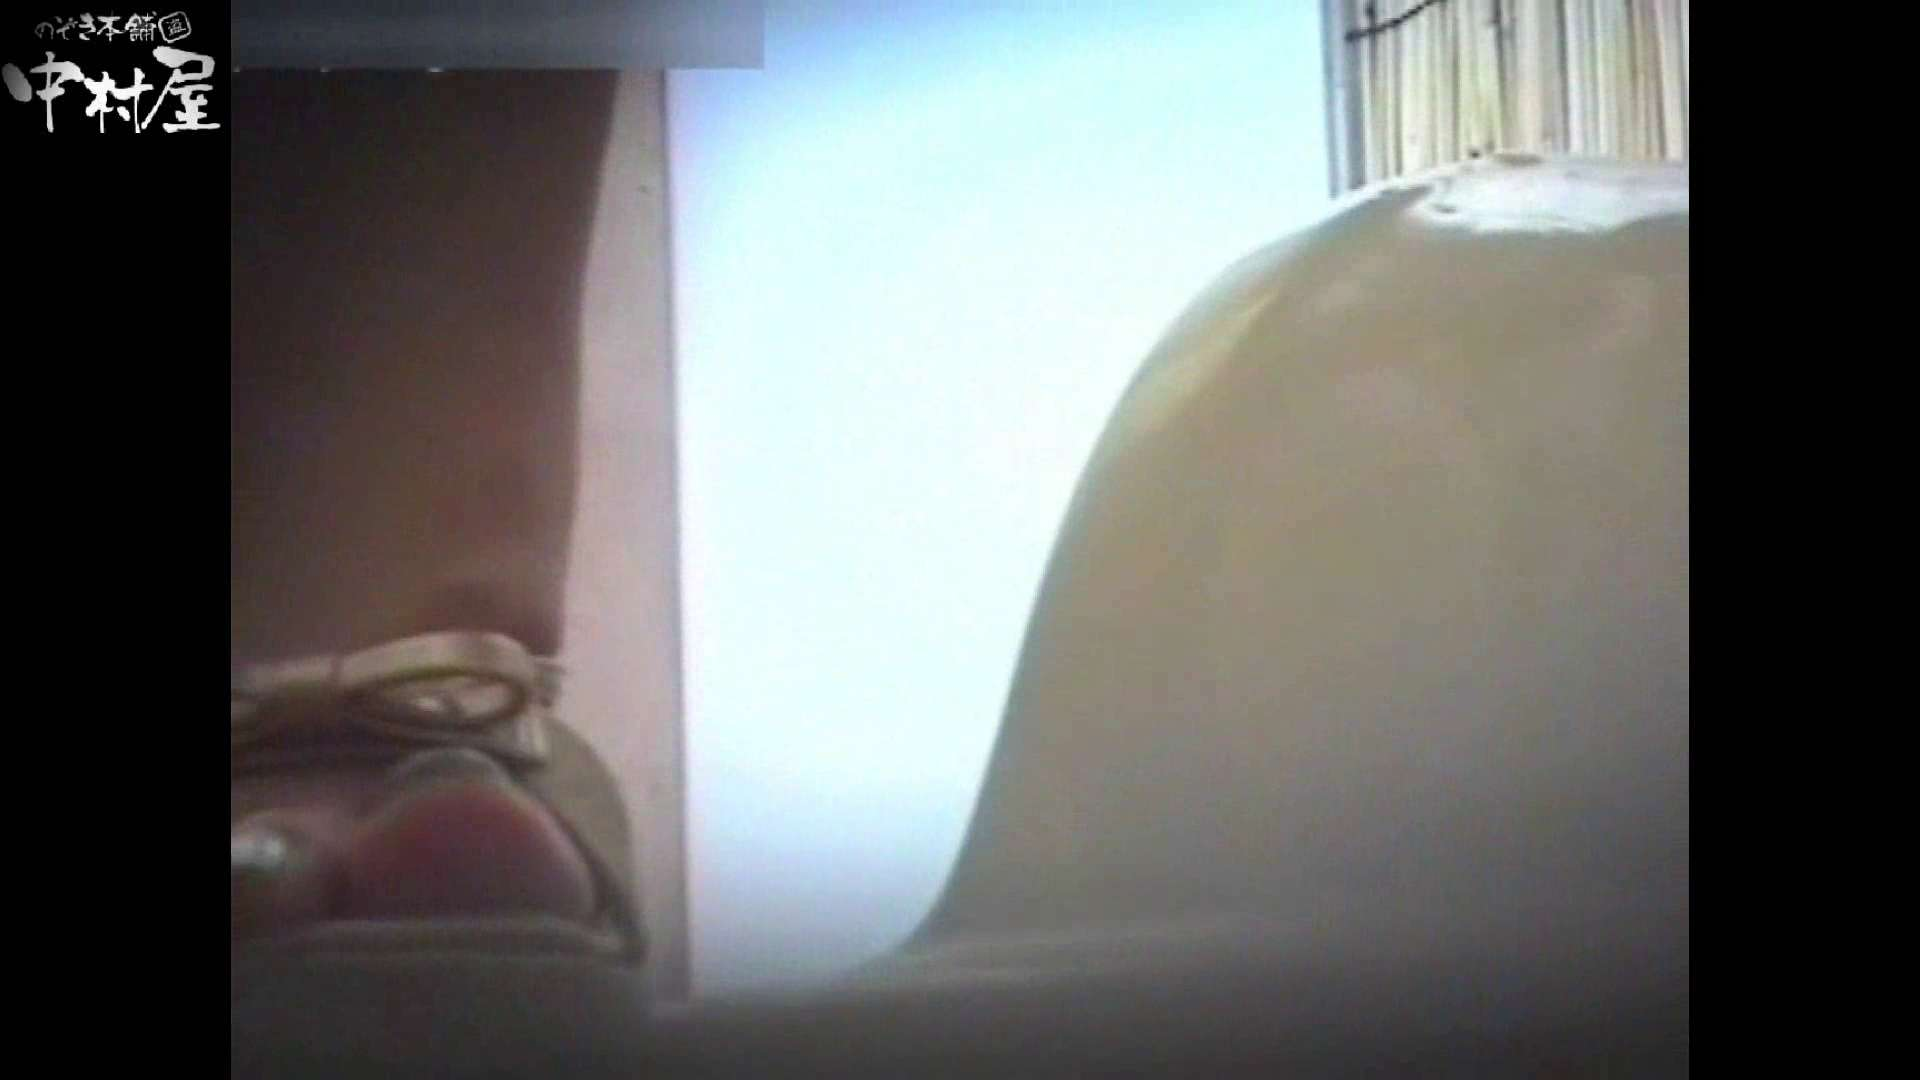 解禁!海の家4カメ洗面所vol.63 人気シリーズ 盗撮戯れ無修正画像 106画像 103